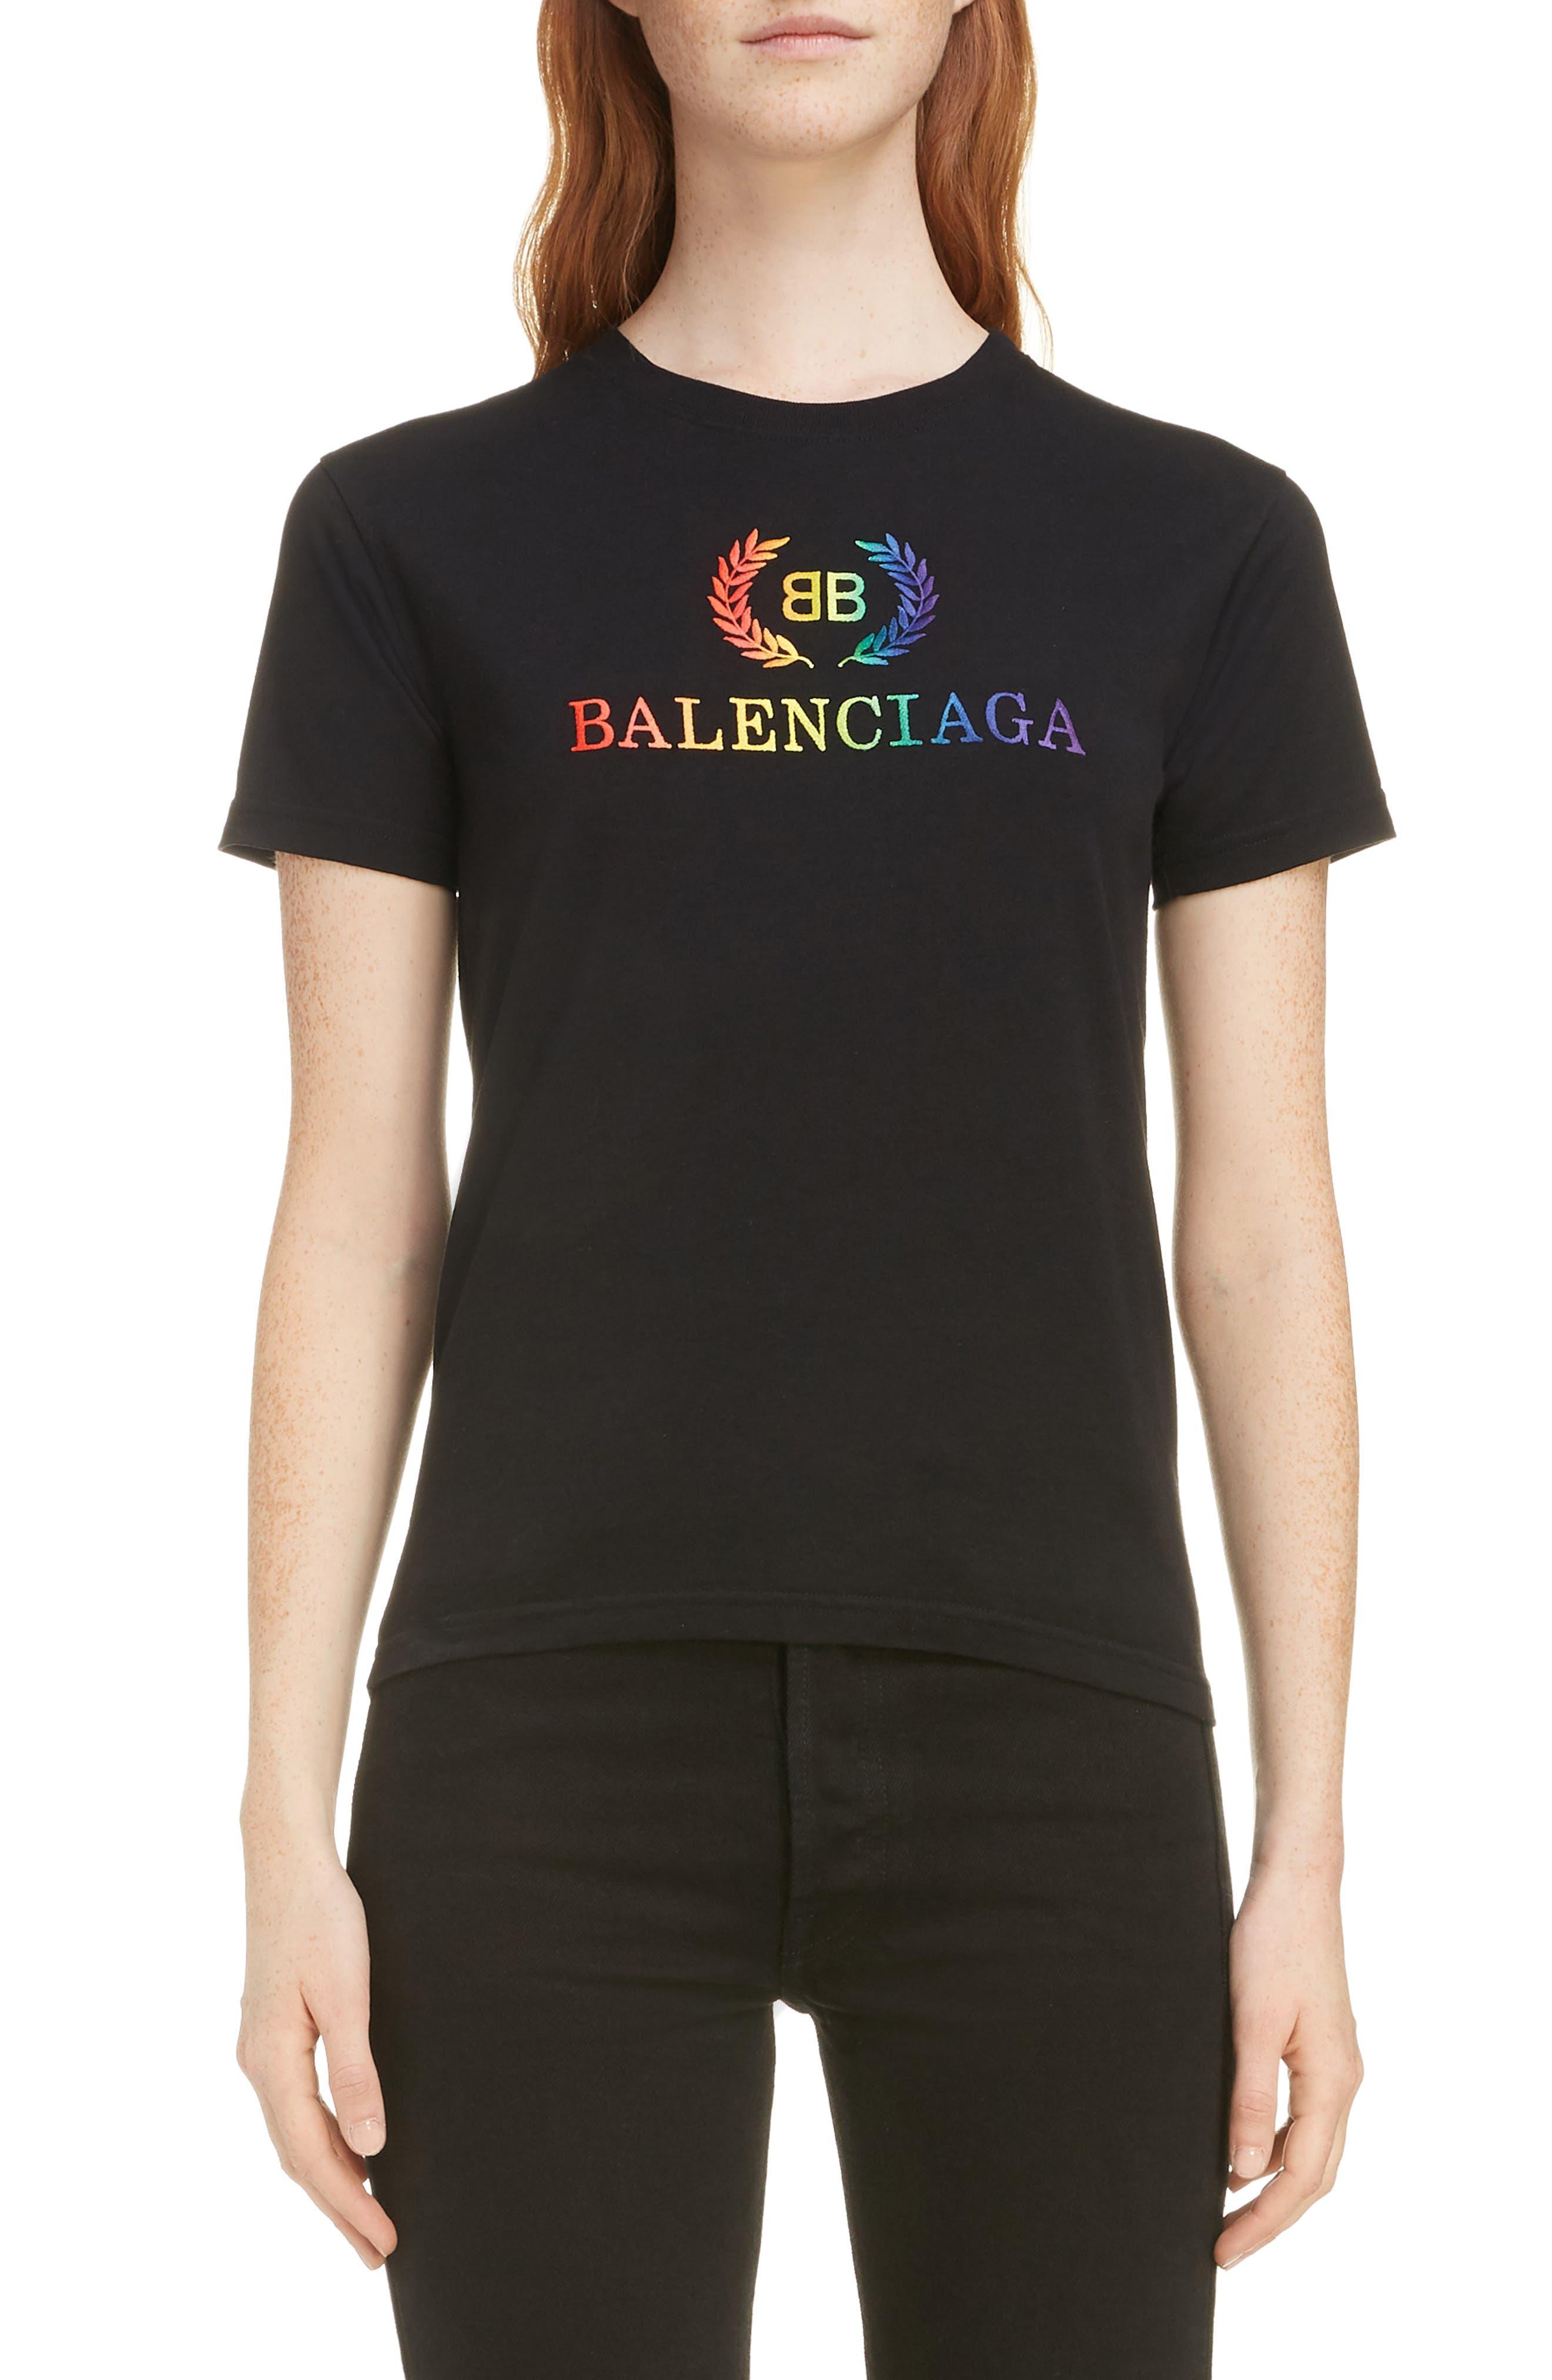 608245b4 Women's Balenciaga Tops | Nordstrom